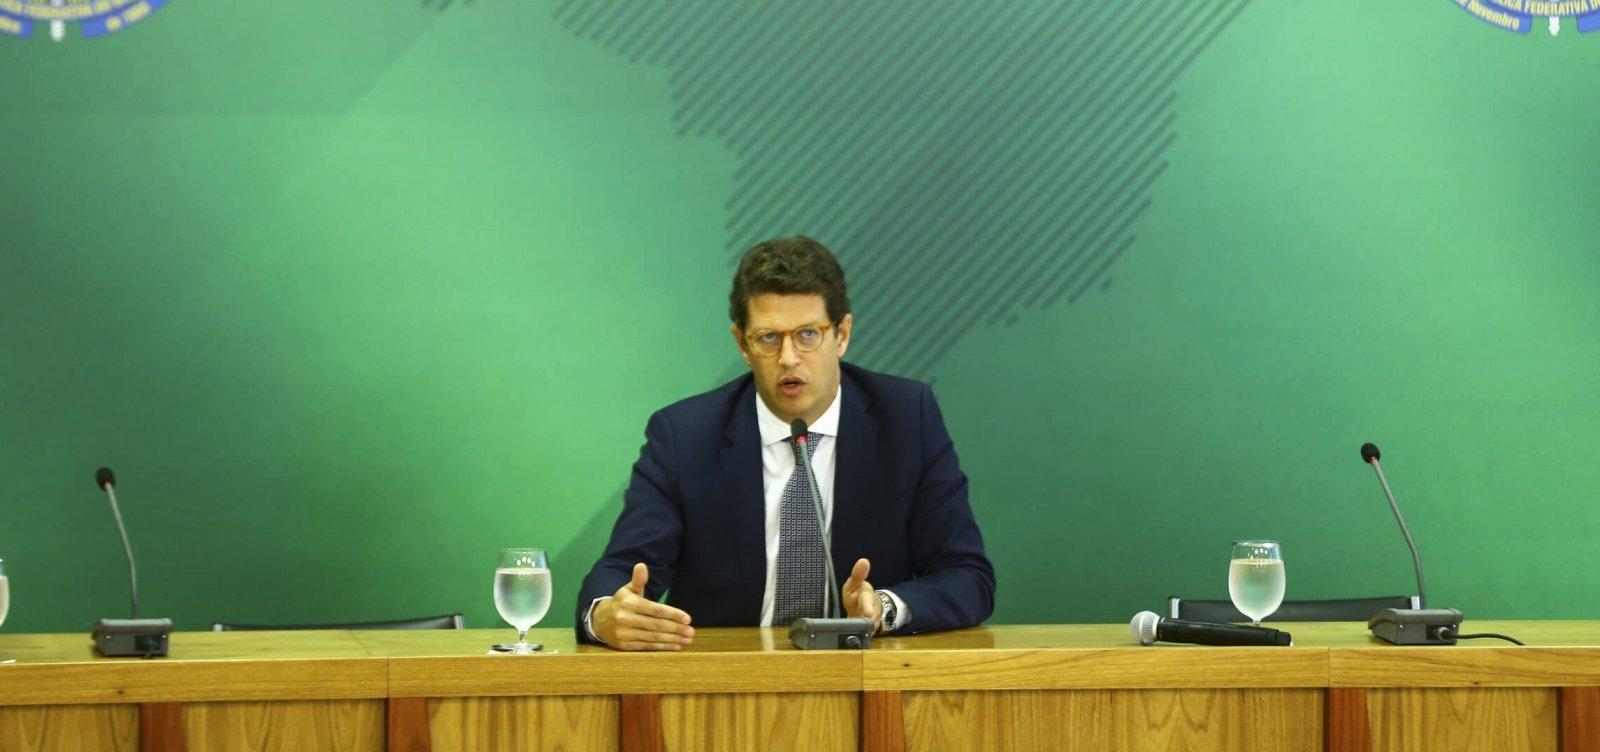 Na mira do STF, Ricardo Salles cumpre 'agenda positiva' no sul da Bahia